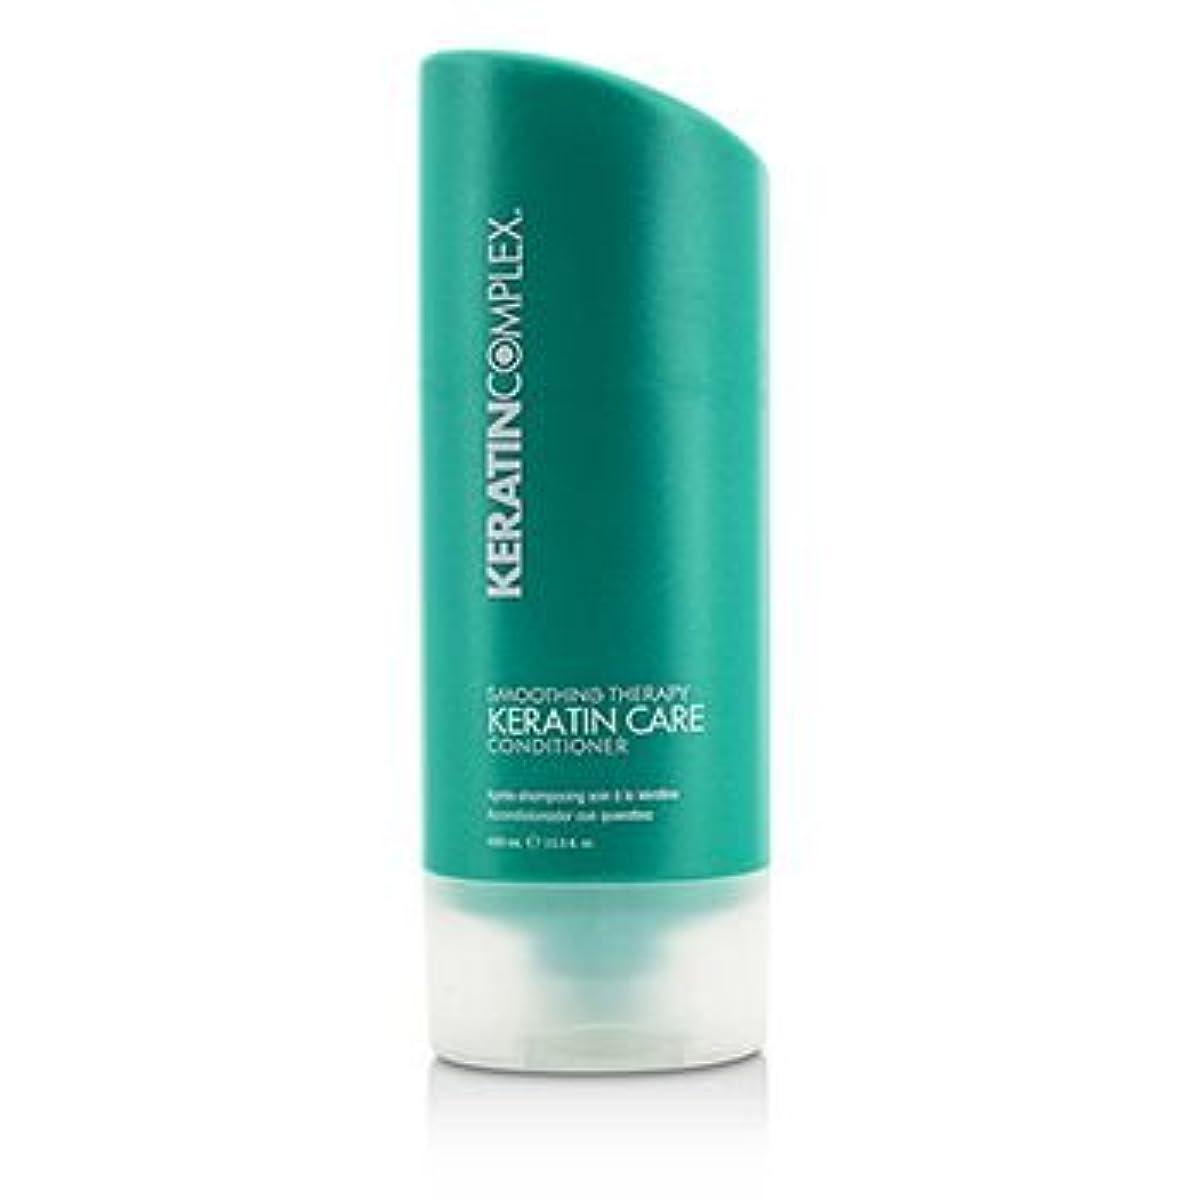 蜜に応じて効率的に[Keratin Complex] Smoothing Therapy Keratin Care Conditioner (For All Hair Types) 1000ml/33.8oz